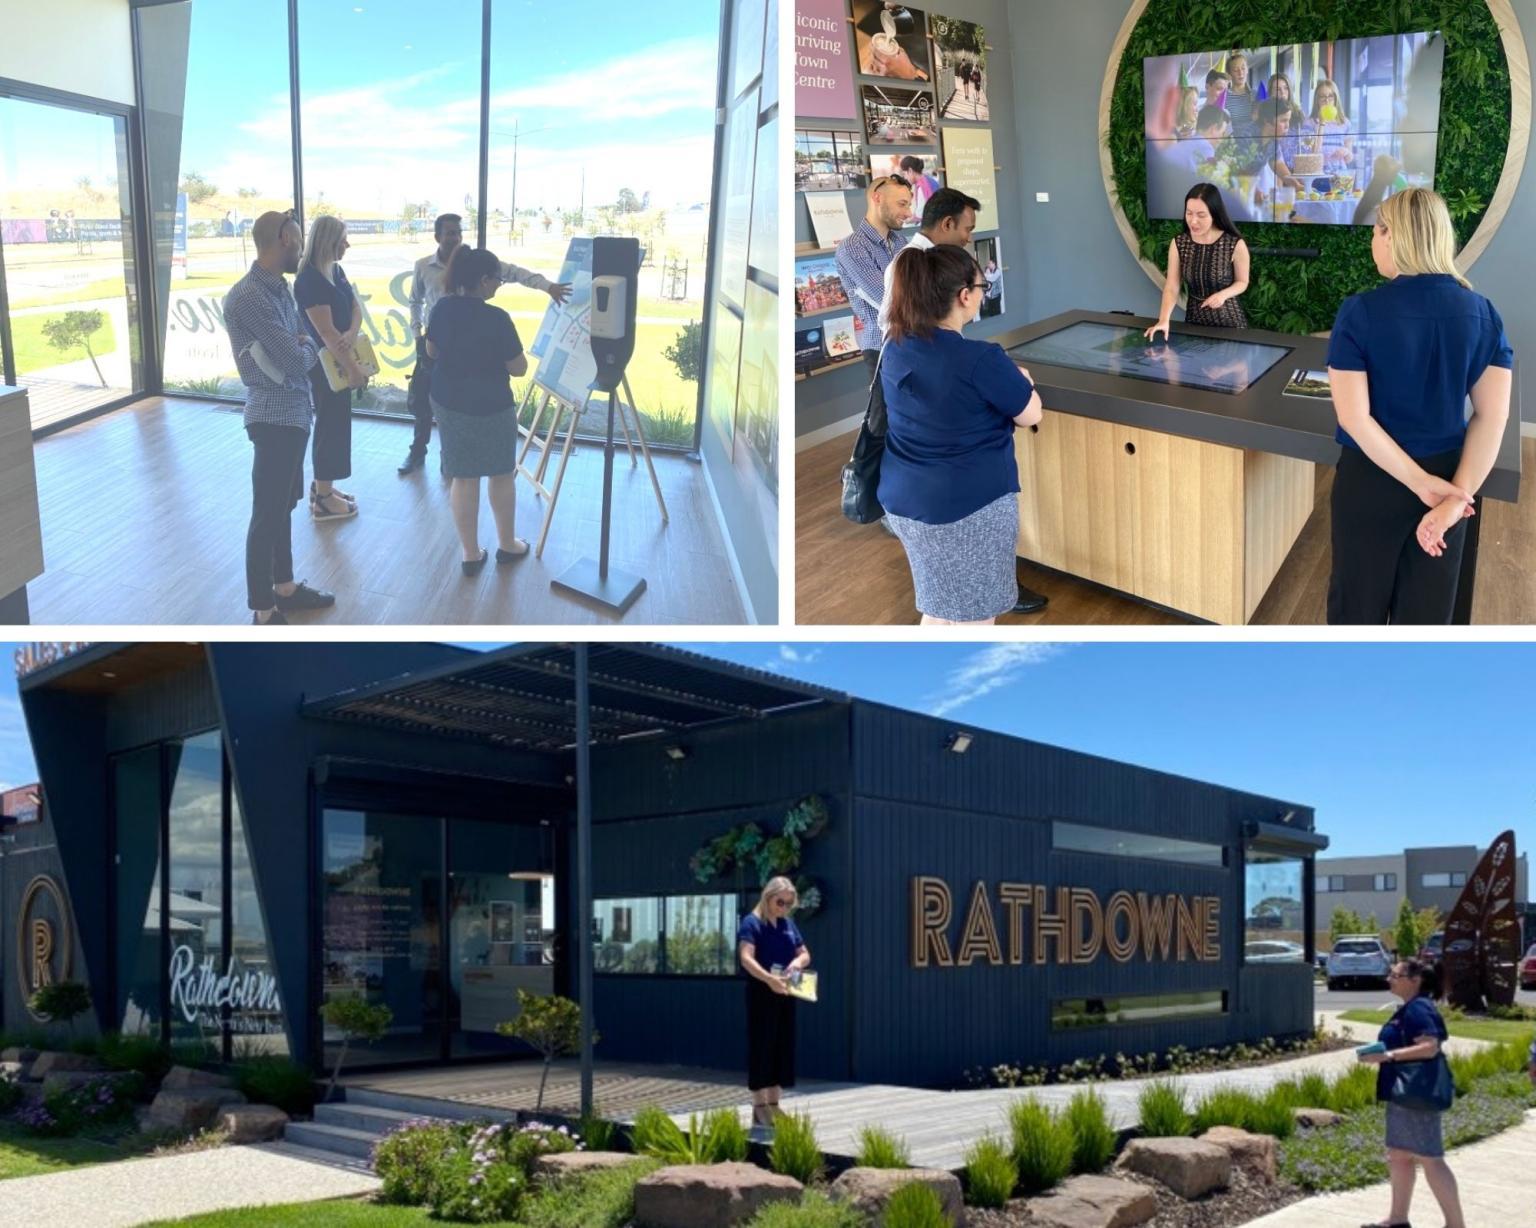 Team Quantum visit the Rathdowne community sales office